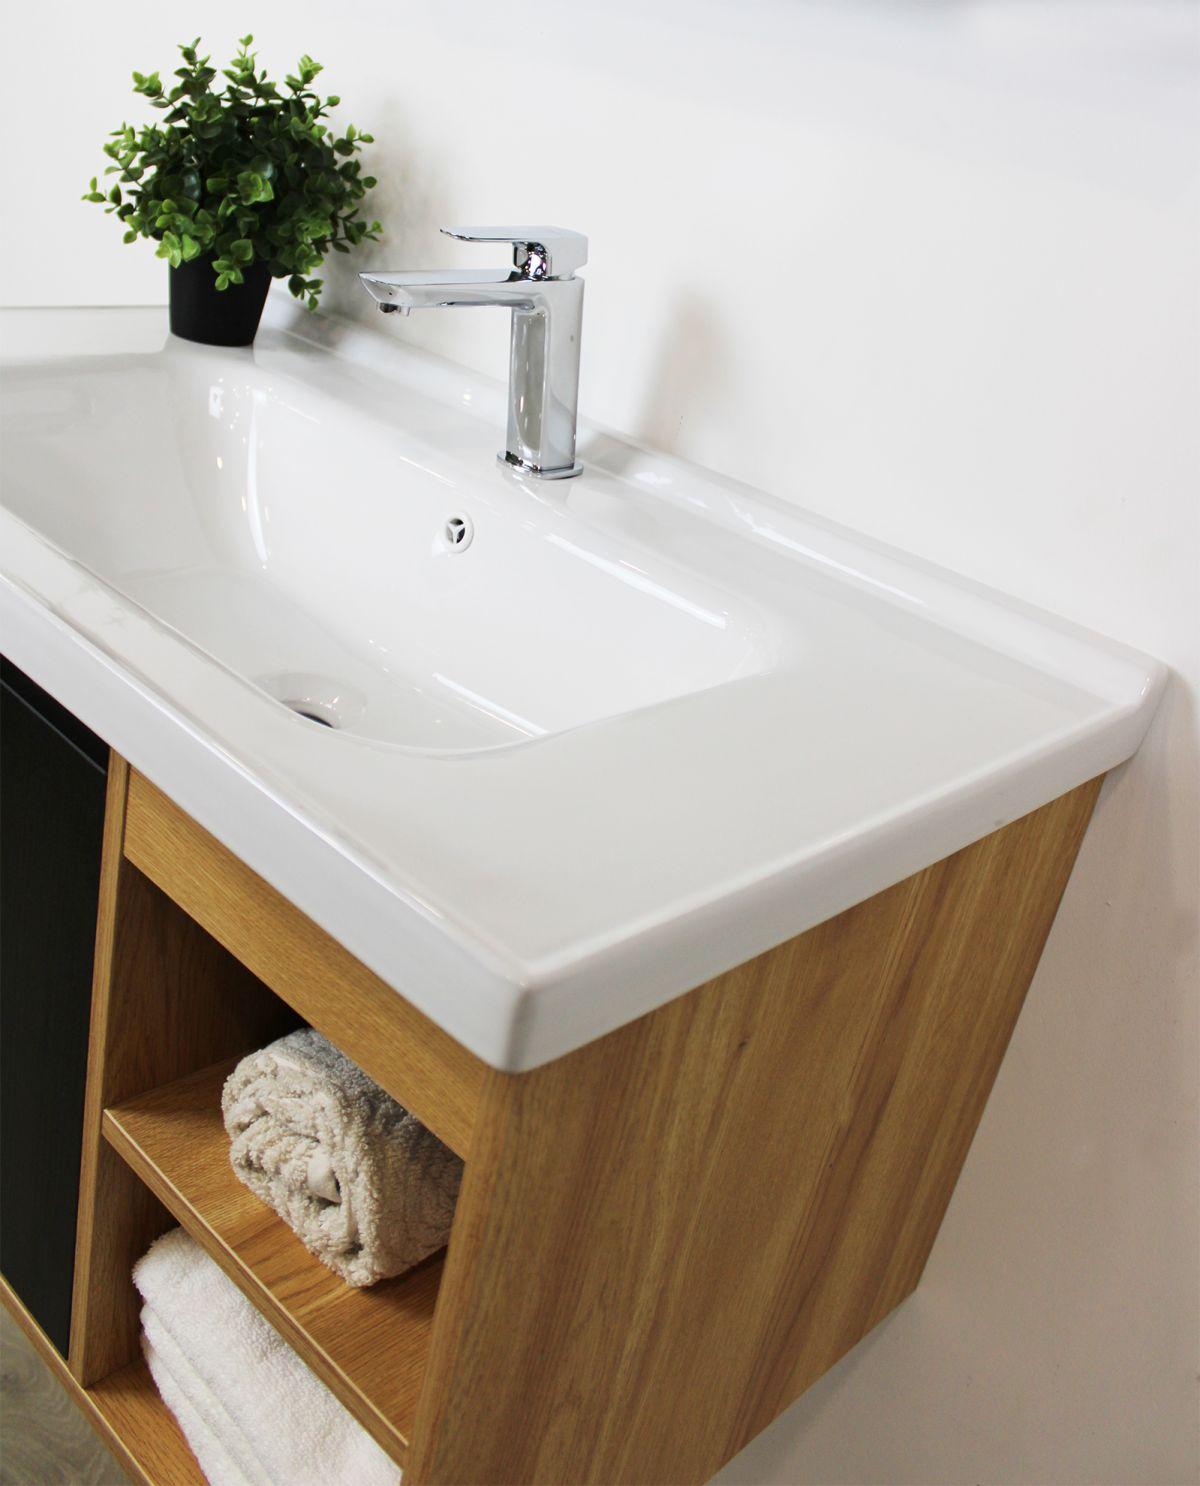 Mobile bagno Olso particolare3 Mobile bagno Oslo sospeso da 80 cm rovere effetto legno e nero effetto legno con lavabo specchio e modulo a giorno